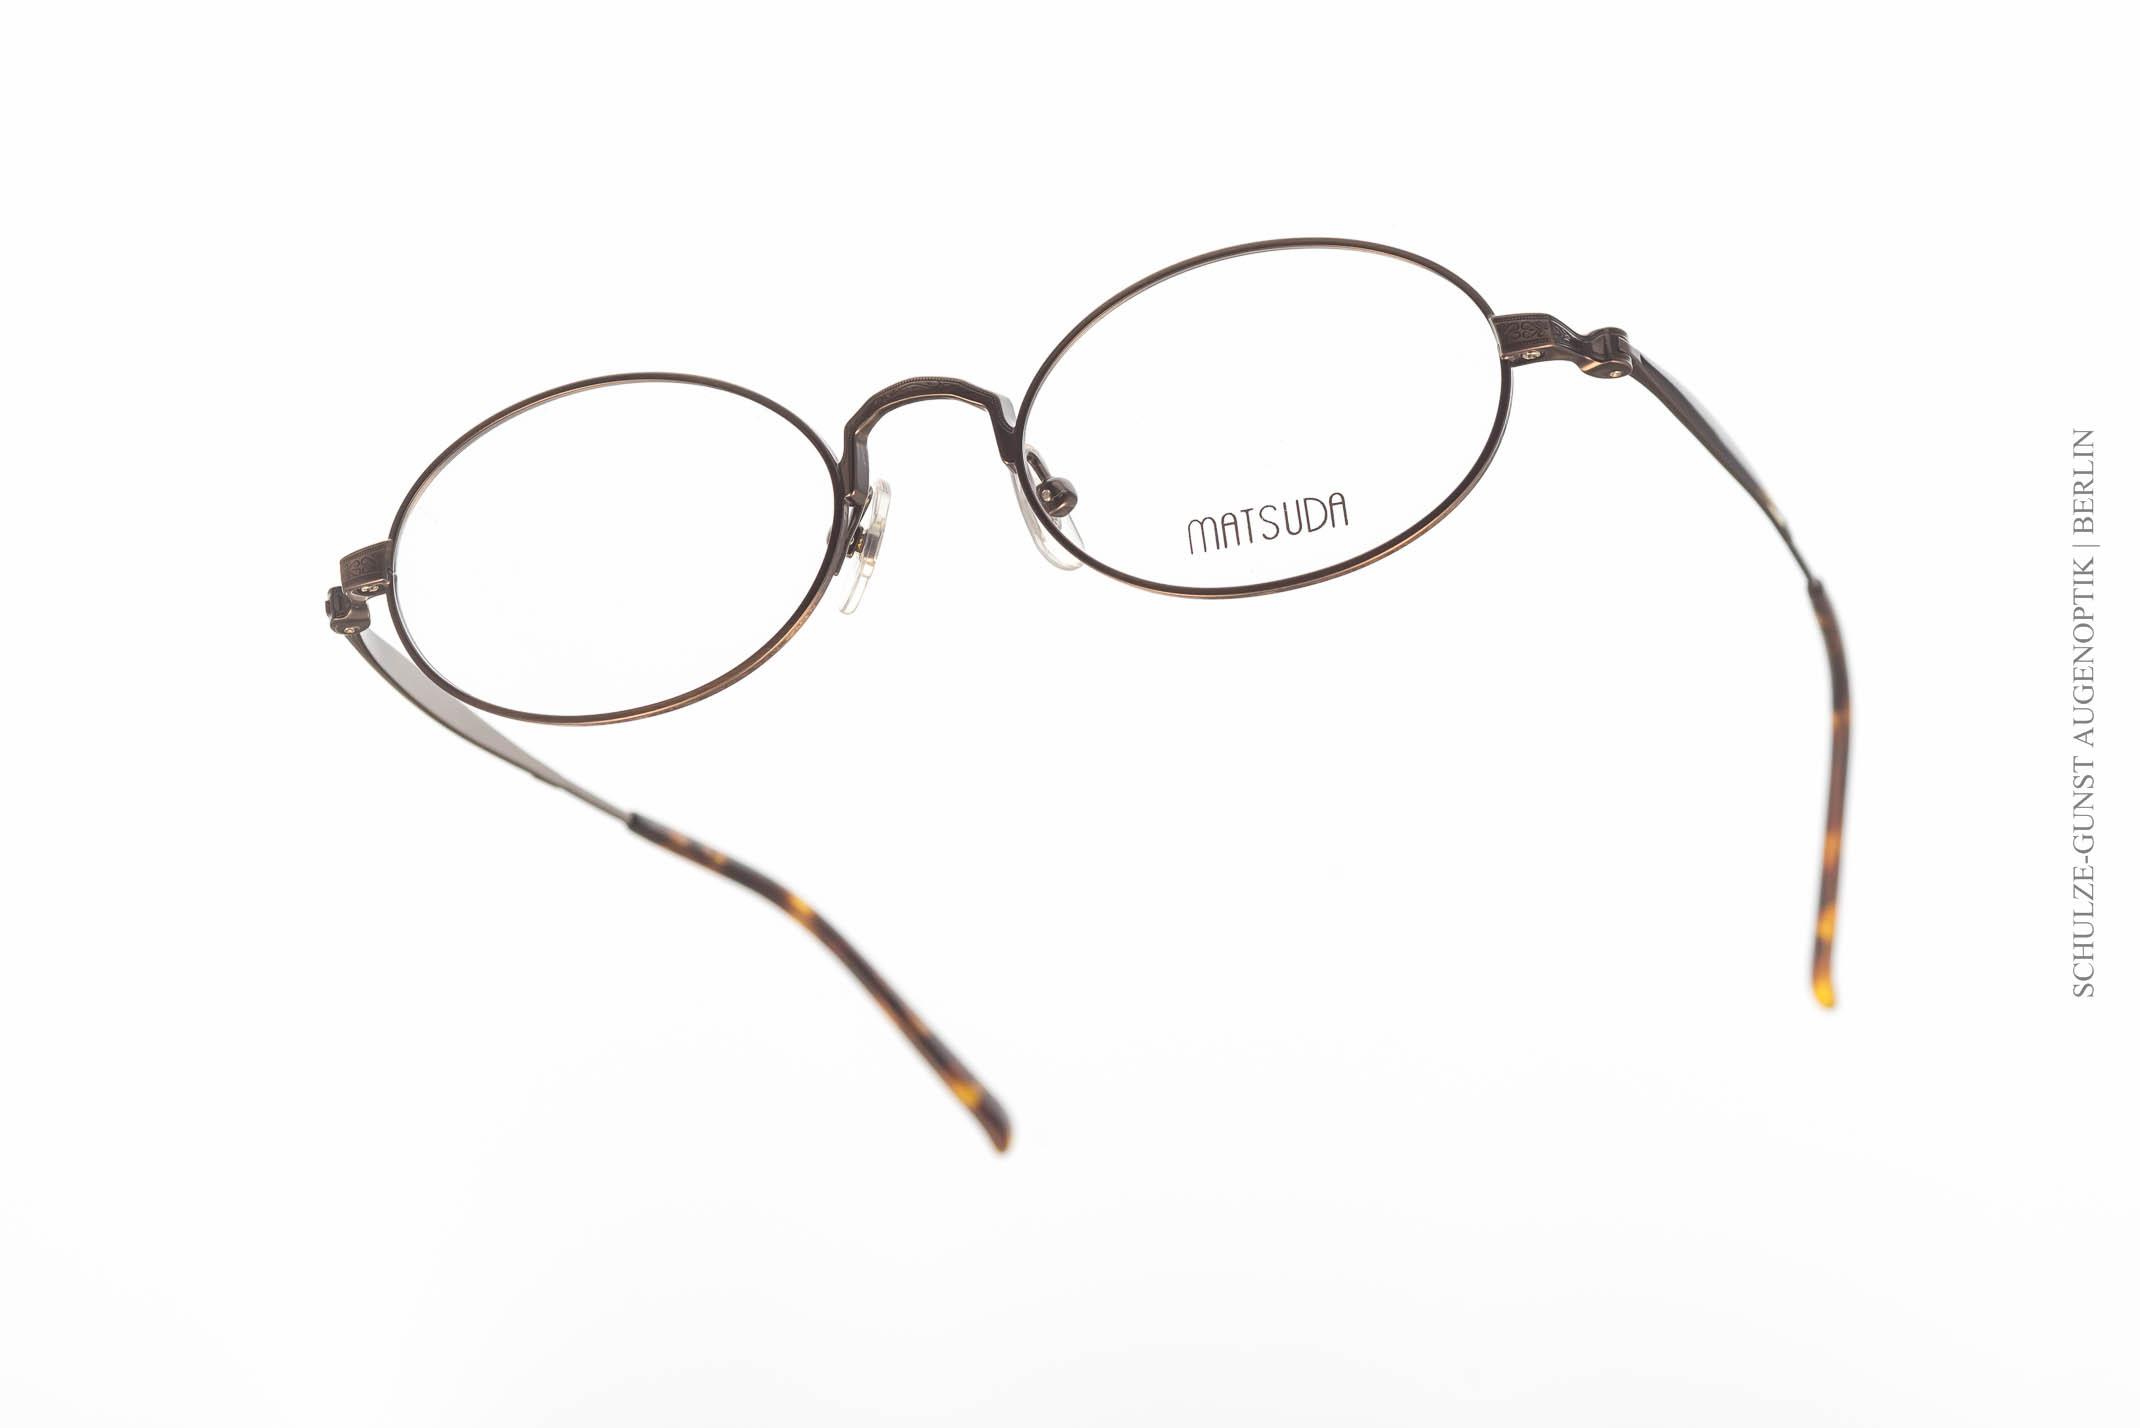 7013-matsuda-m3017-brillen-titan-fassung-vollrand-leicht-klassisch-metallbrillen